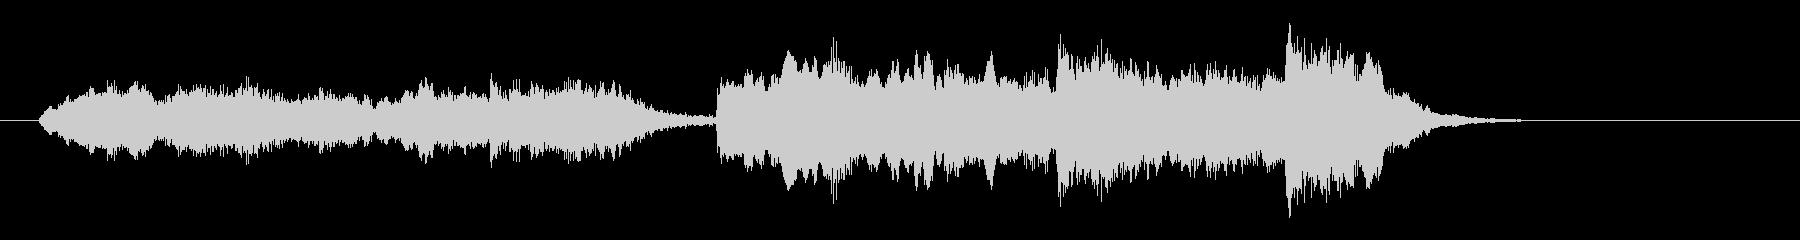 二胡の音がアジア大陸を思わせる短い楽曲の未再生の波形